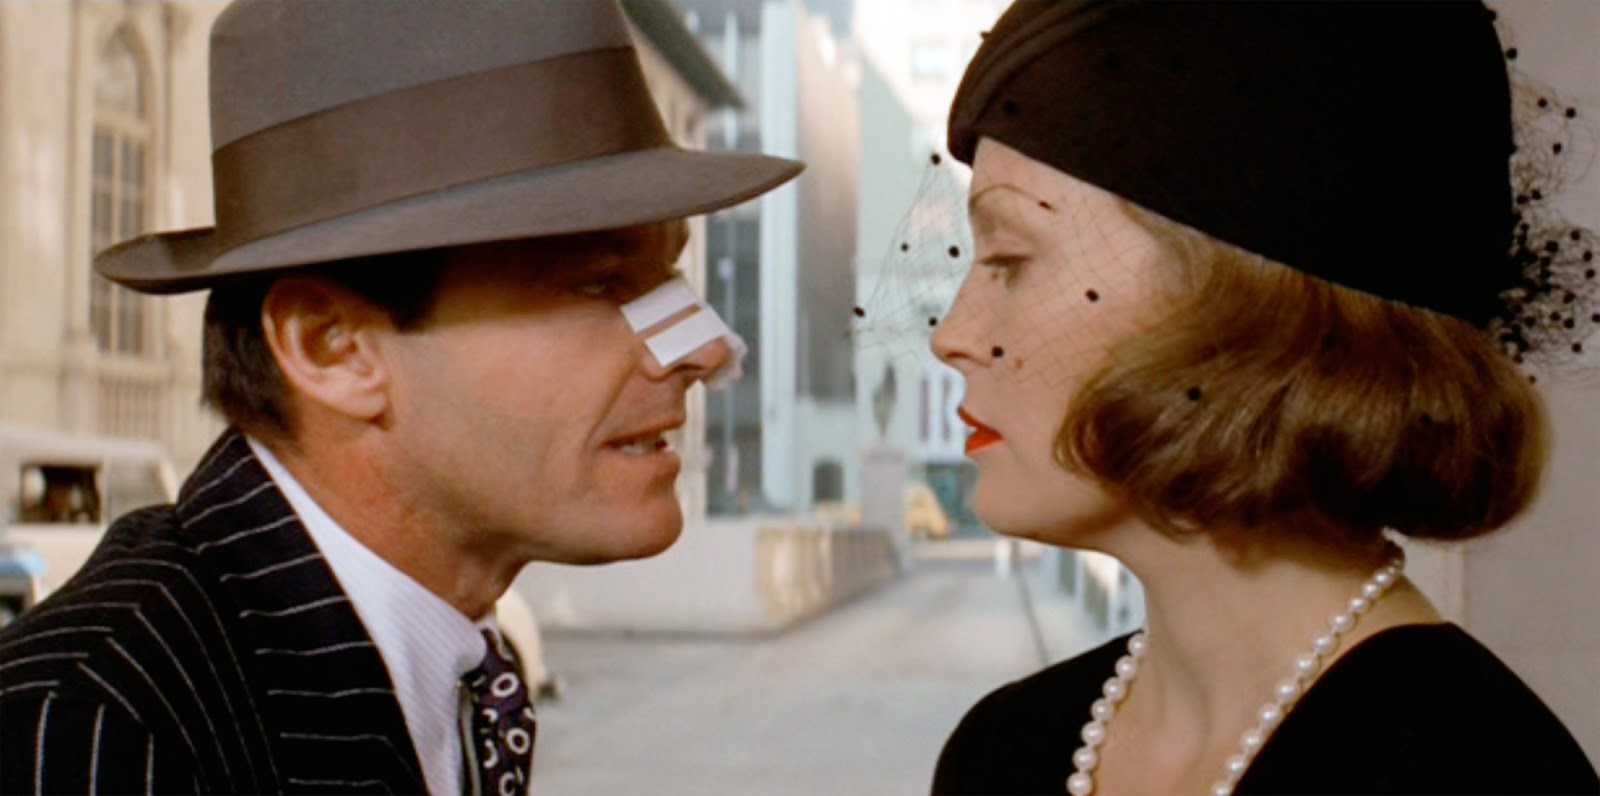 Jack Nicholson et Faye Dunaway dans Chinatown de Roman Polanski, le 15 mars sur ARTE